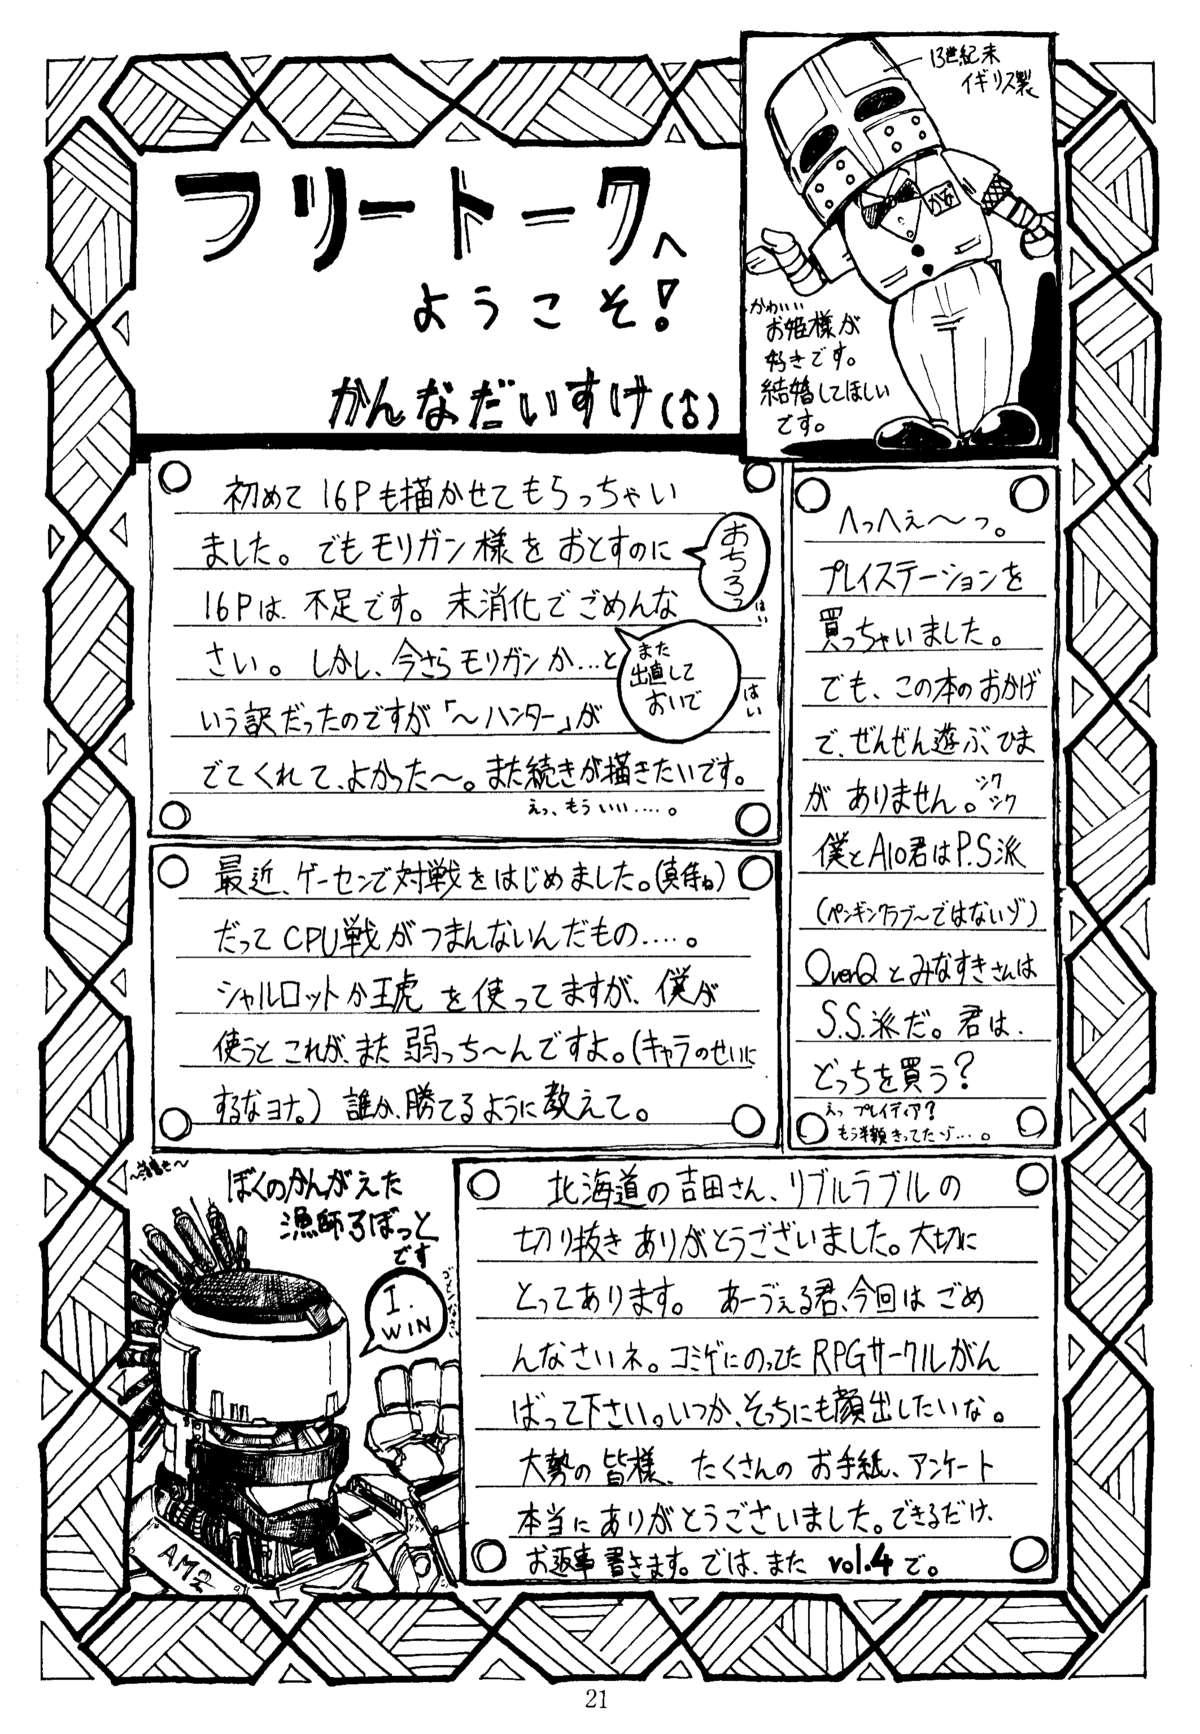 Shikiyoku Hokkedan 3 20